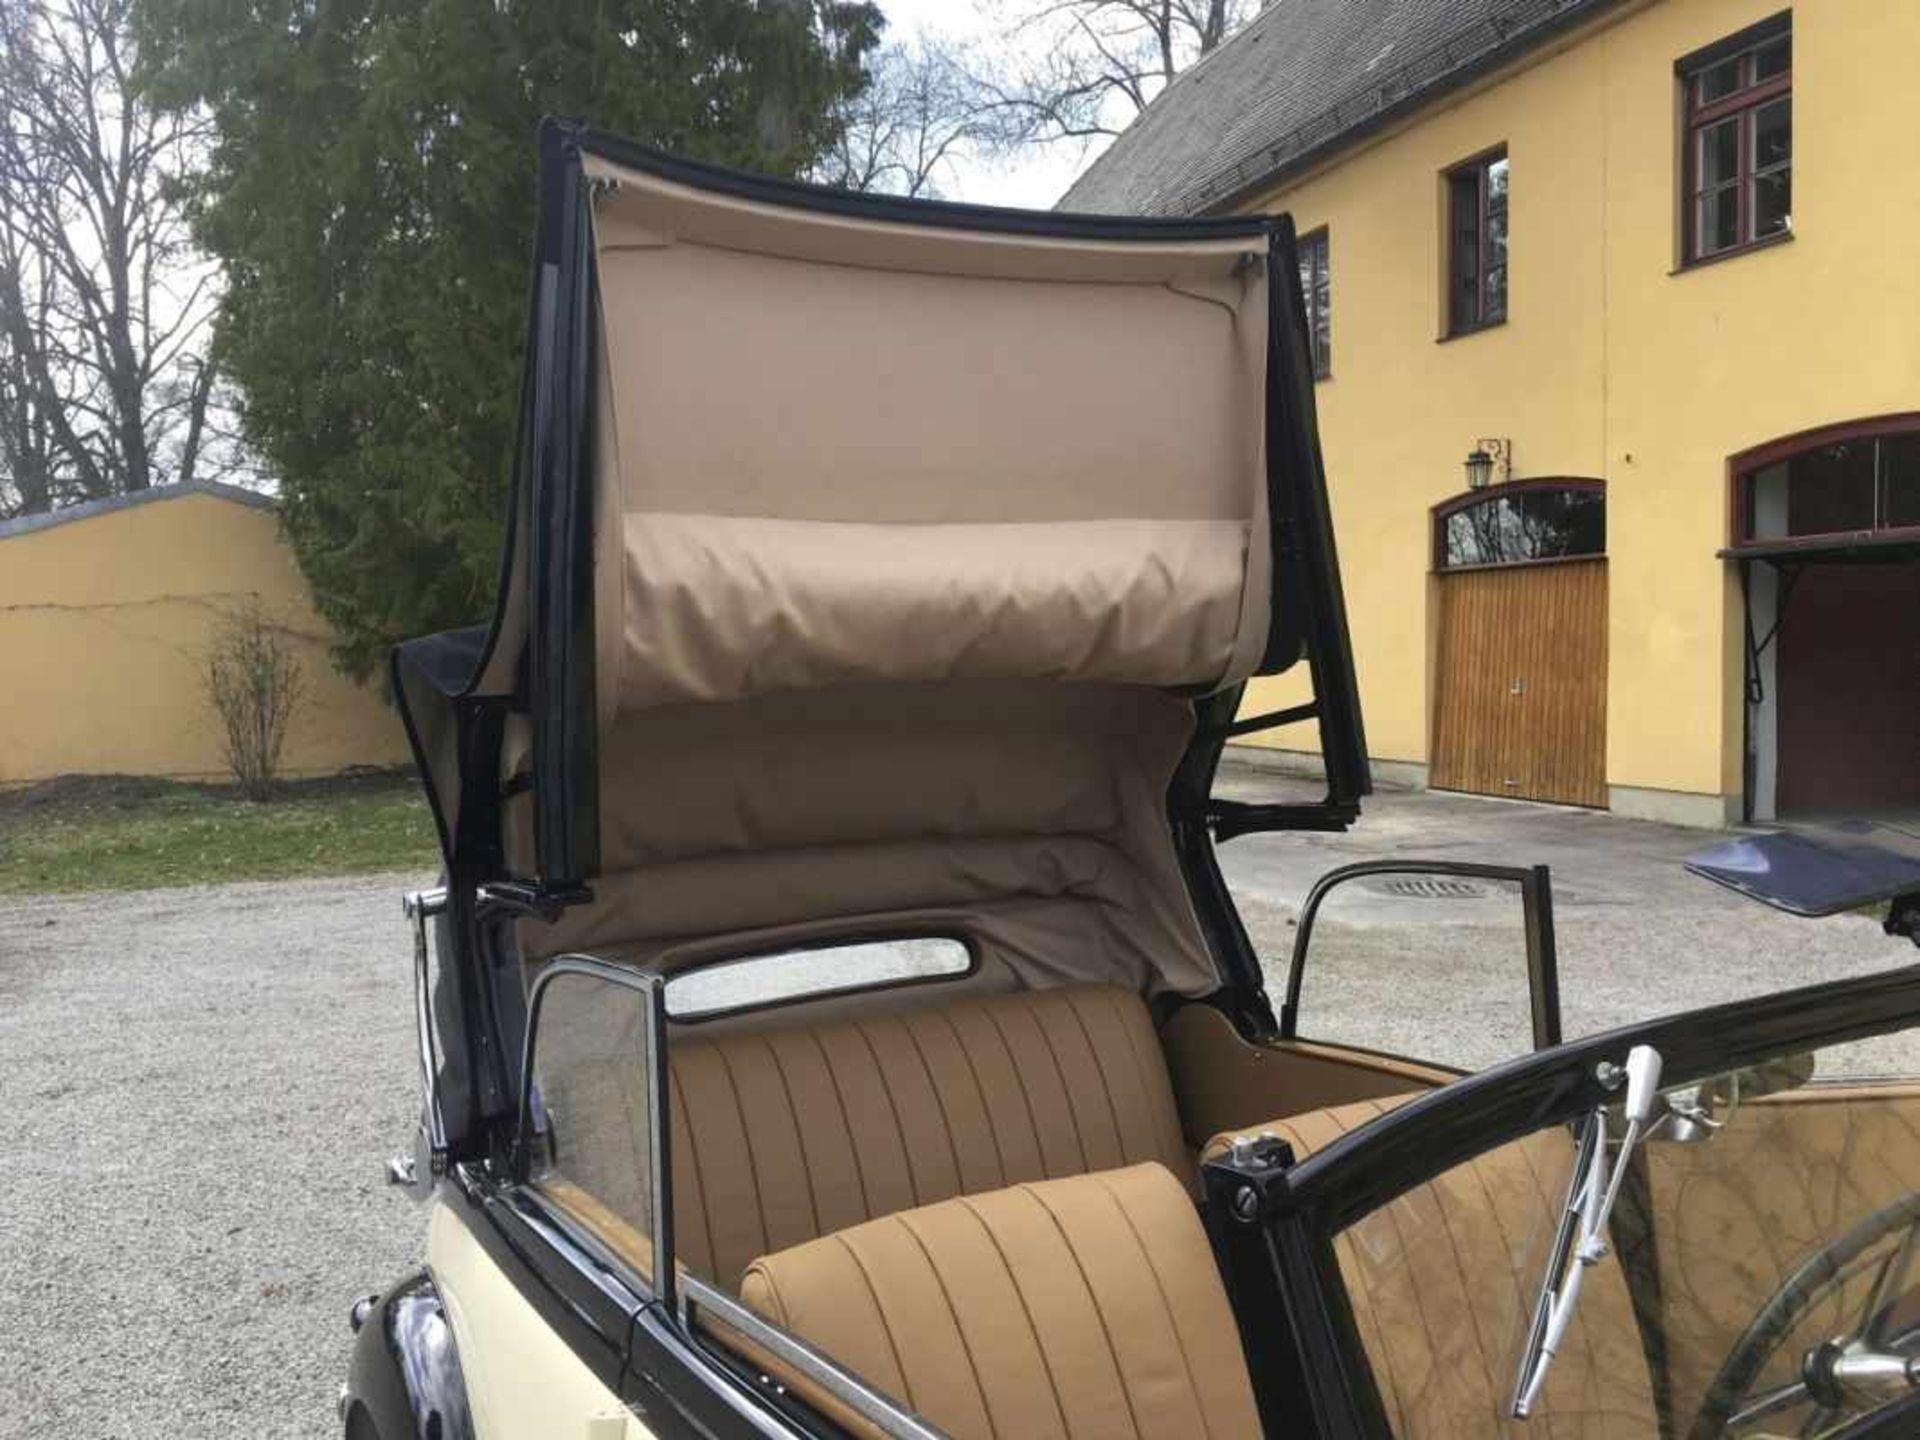 Mercedes Benz Type 170 VW 136 series, Cabriolet 2-door, four-cylinder, 1,697 cc Year of construction - Bild 11 aus 14